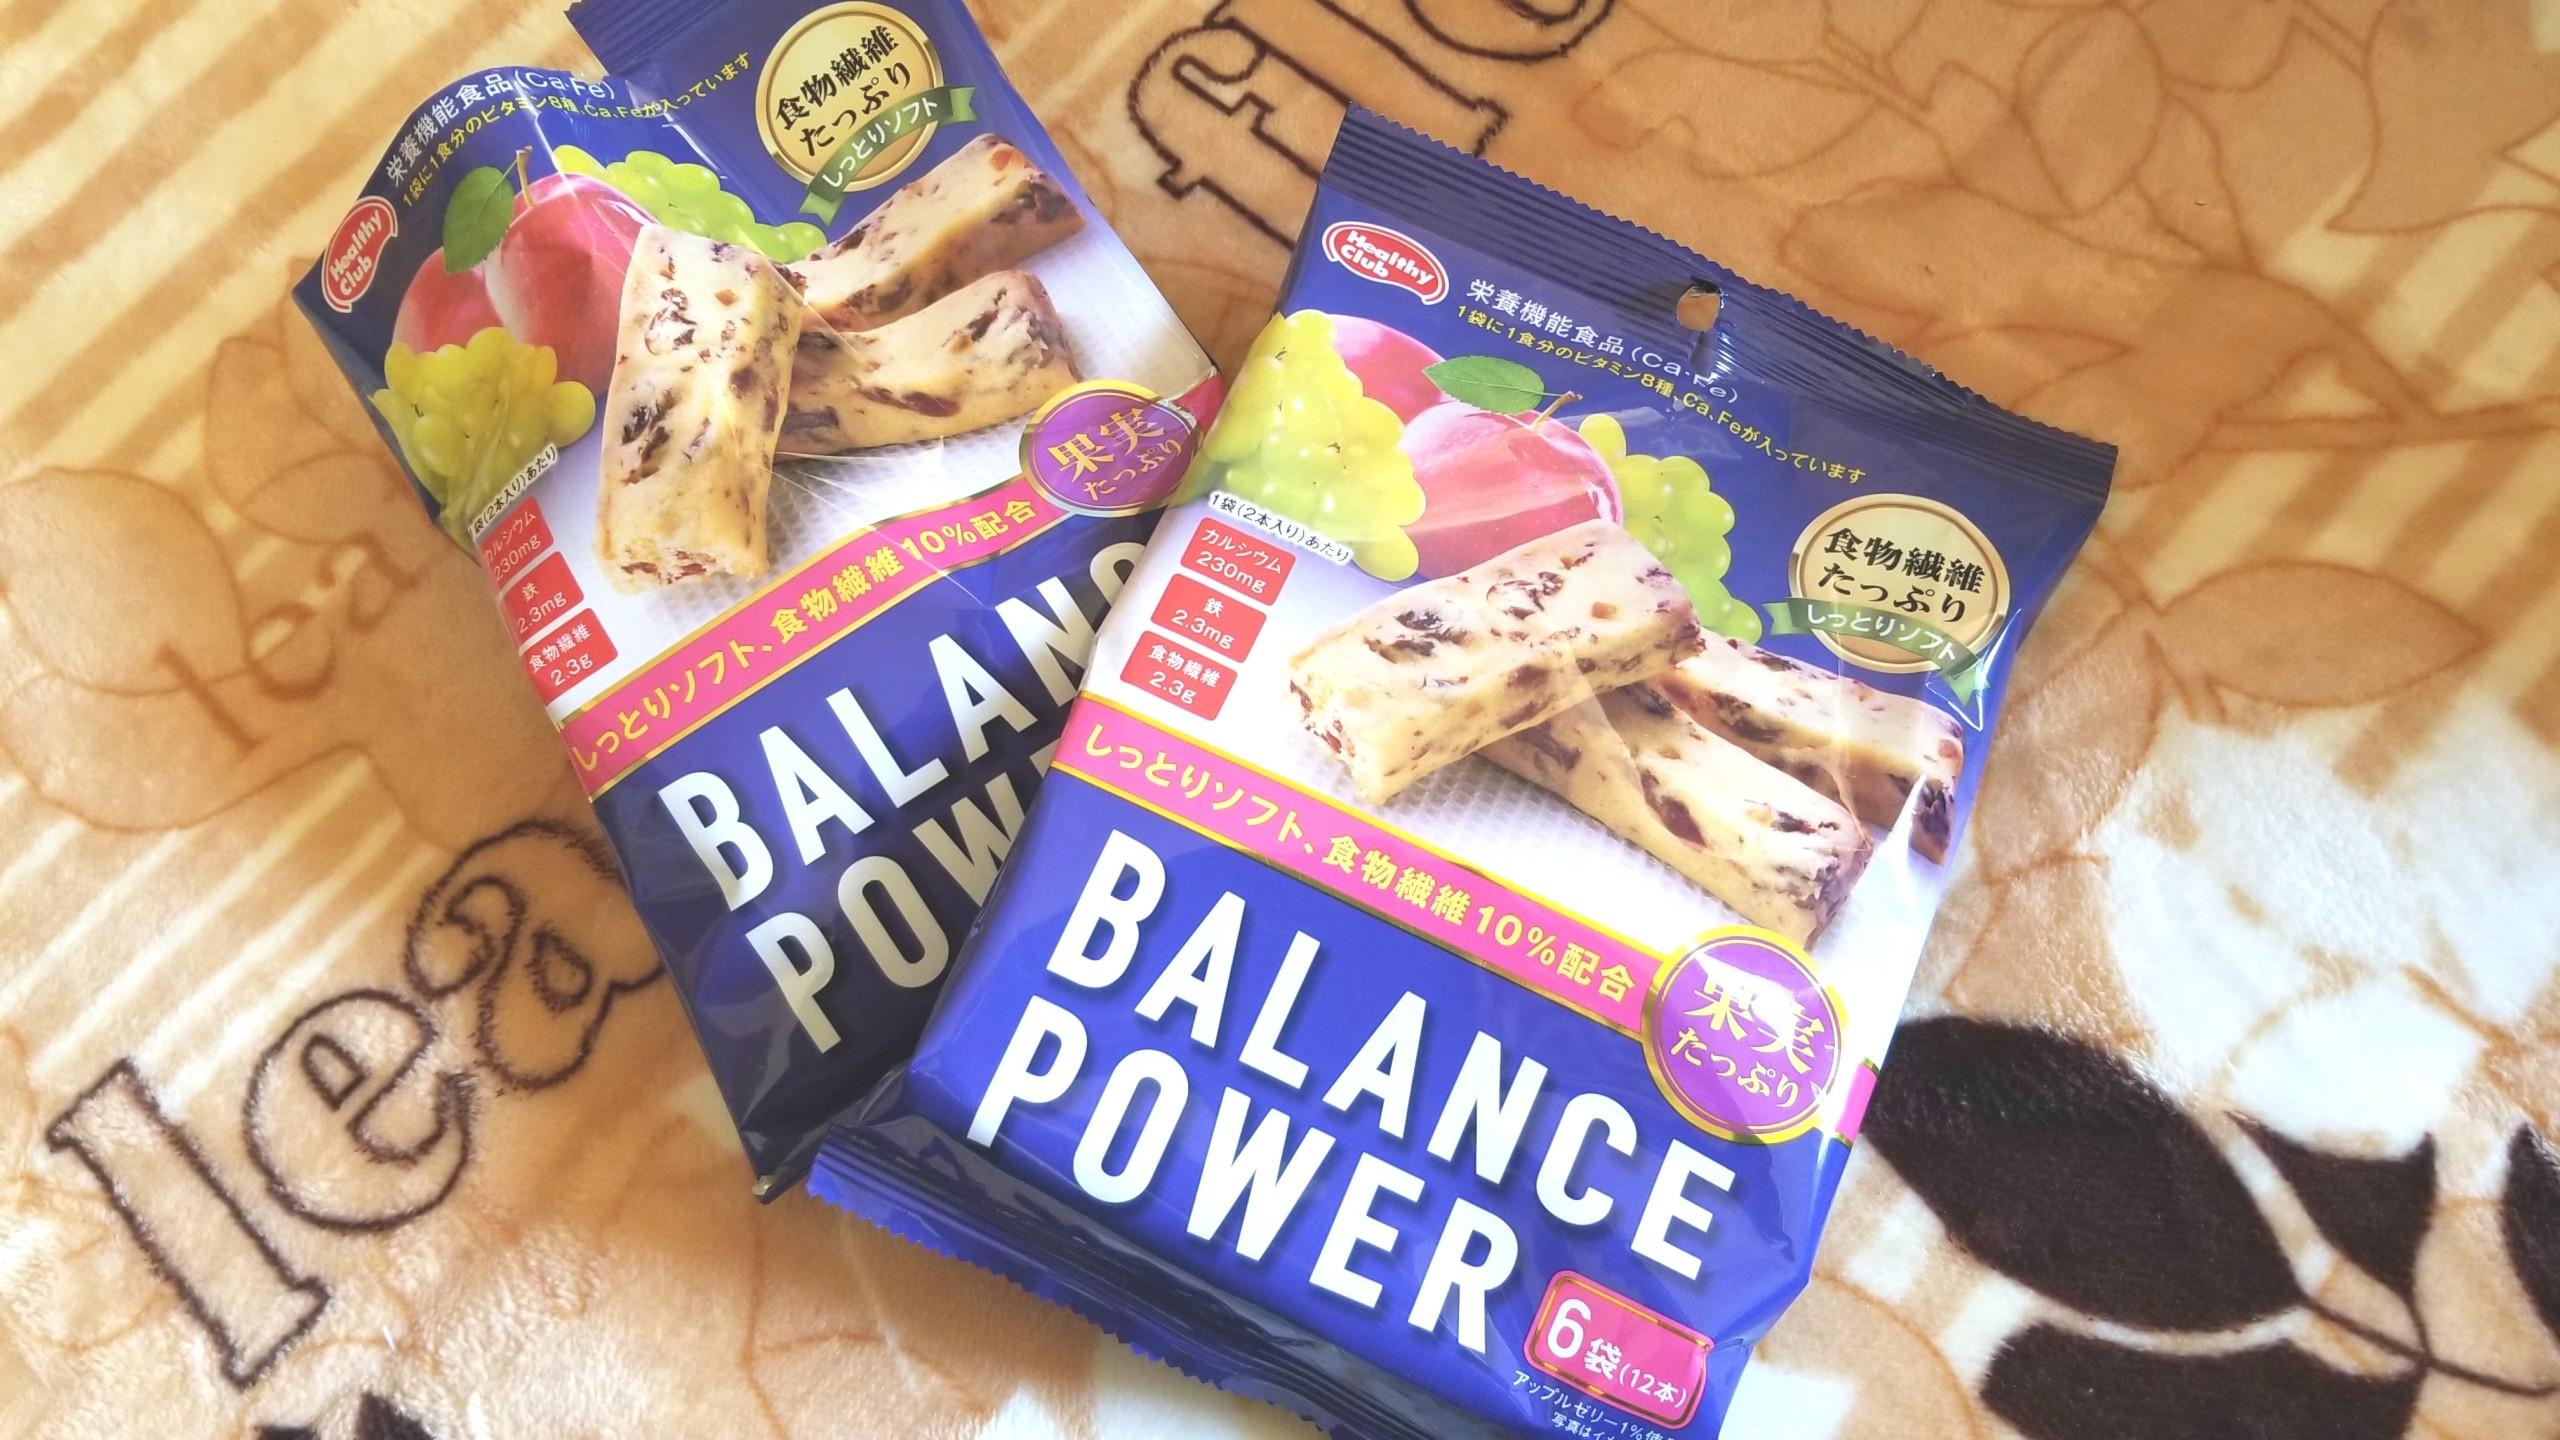 おやつバランスパワー,作業しながら,合間に,疲れた身体に糖分補給